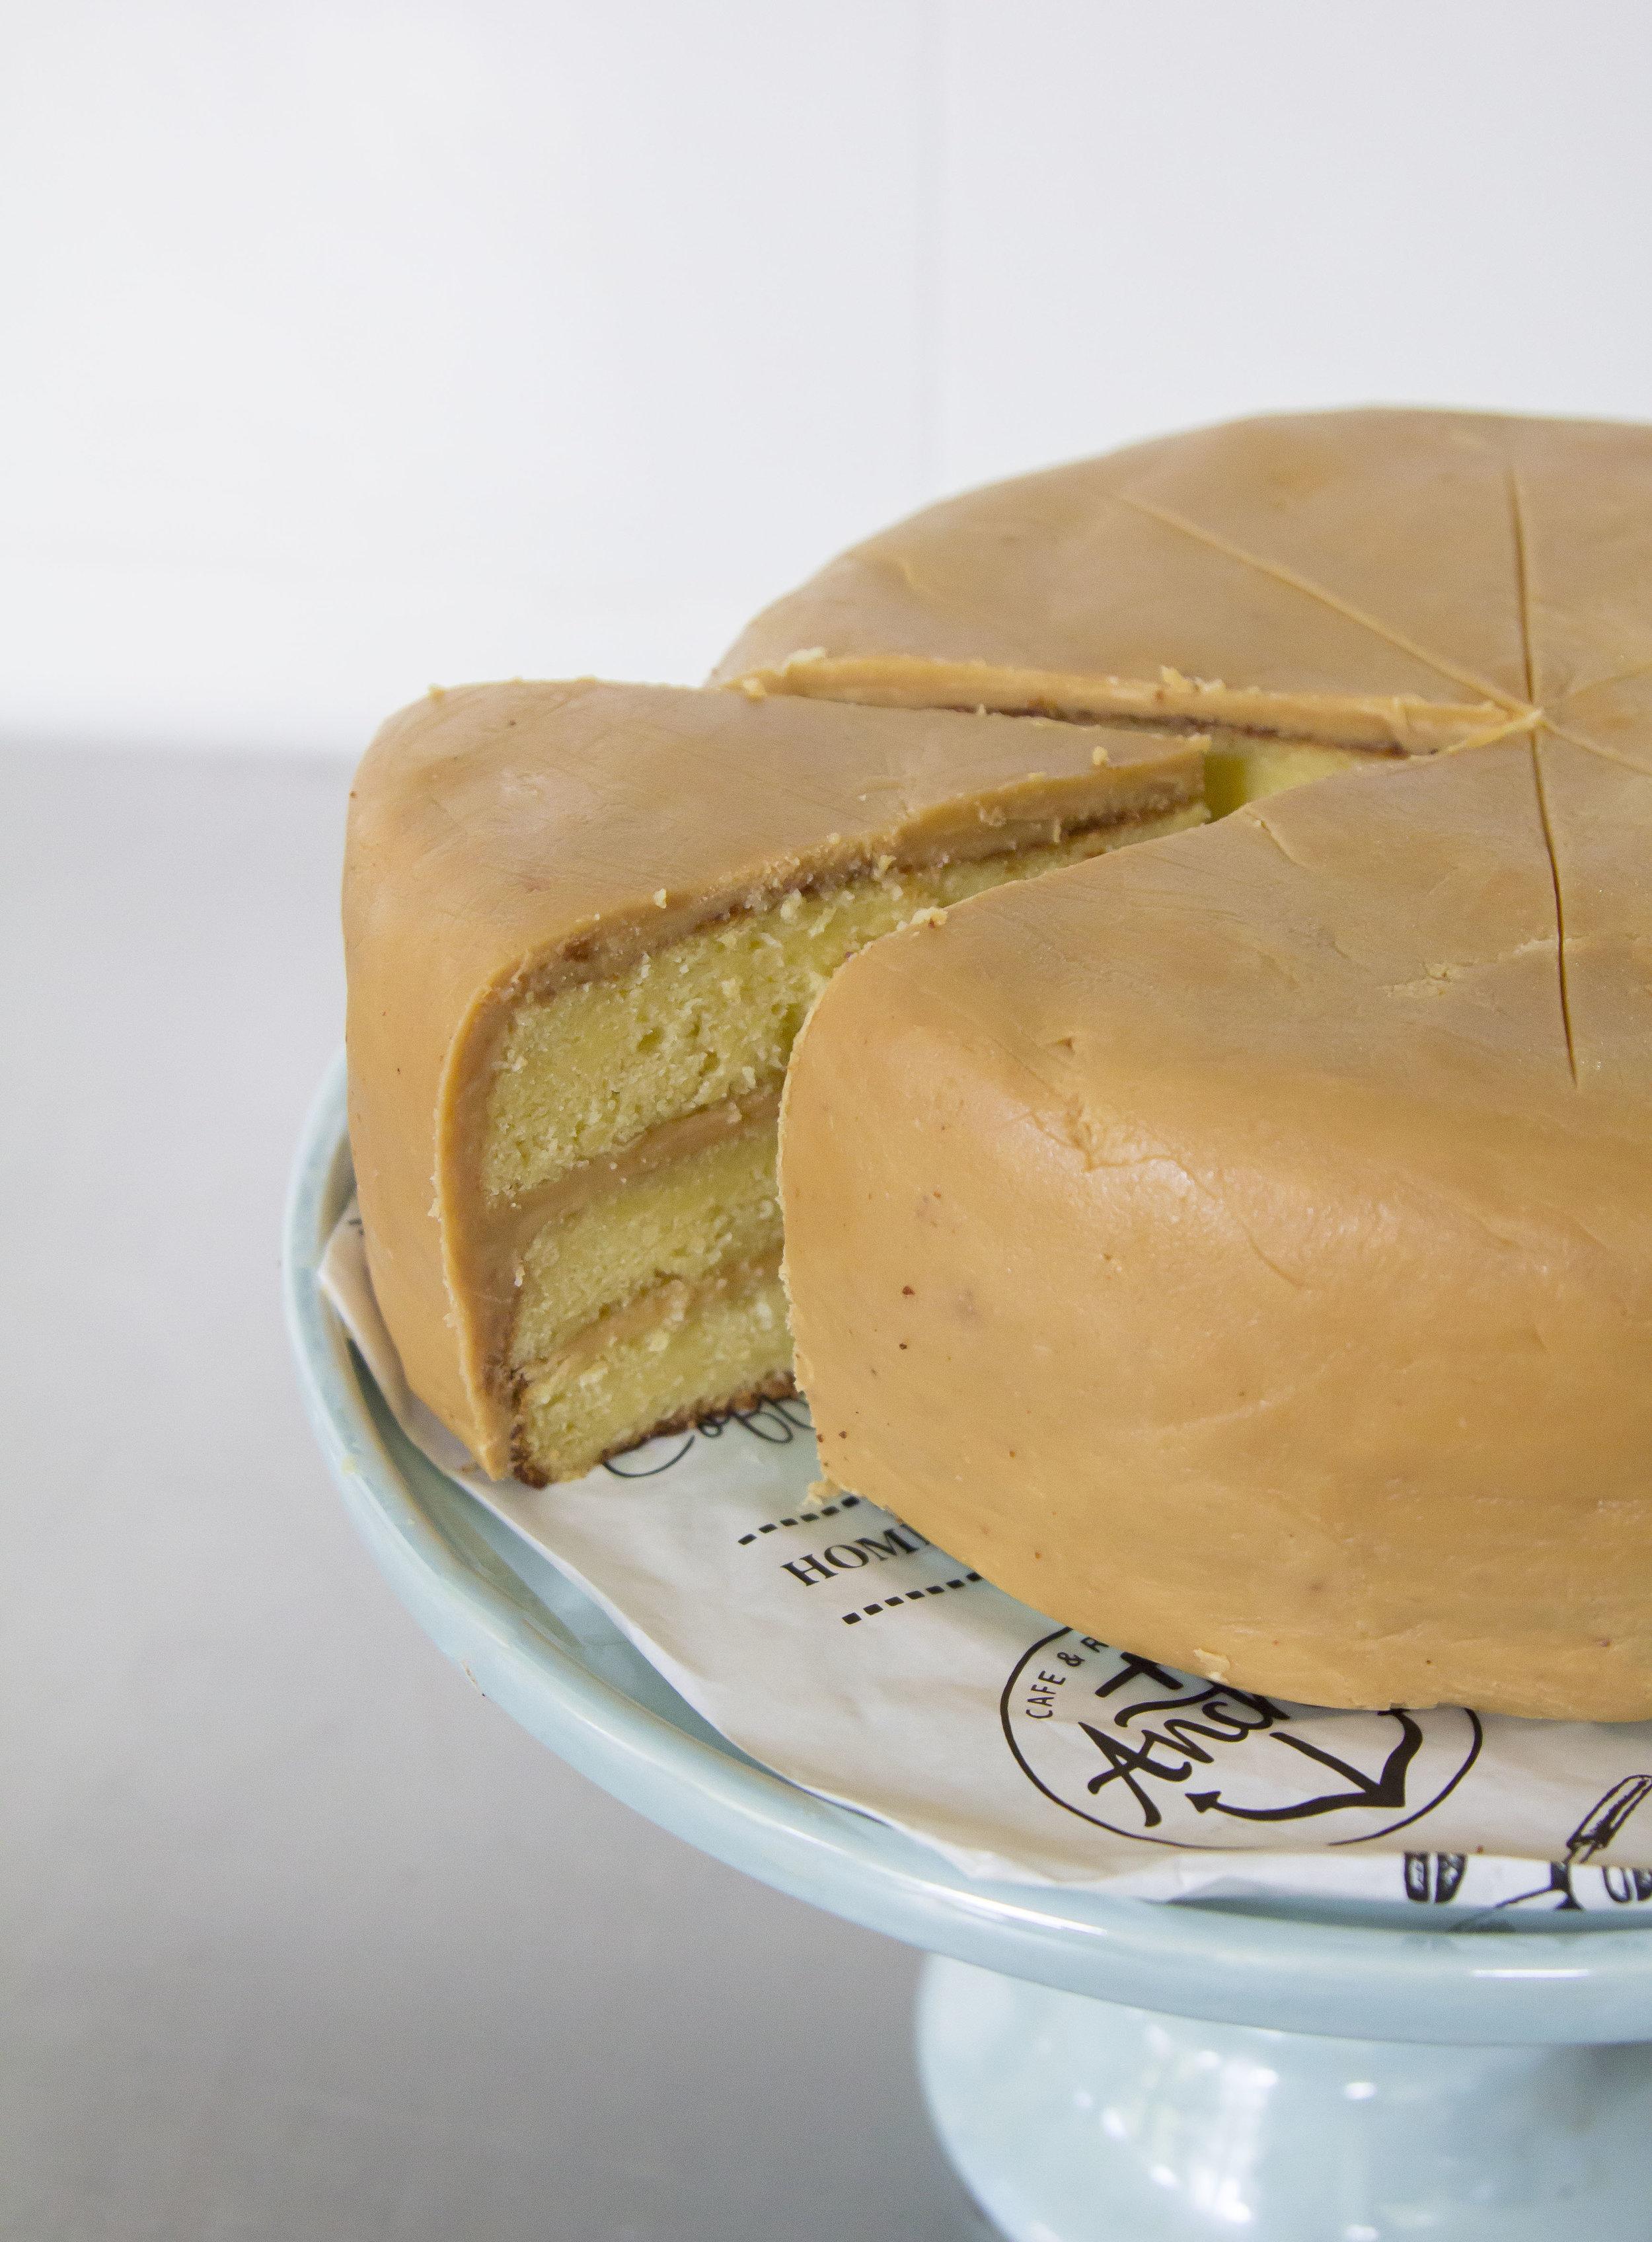 Caramel Cake   | 60 (slice) / 450 (whole cake)